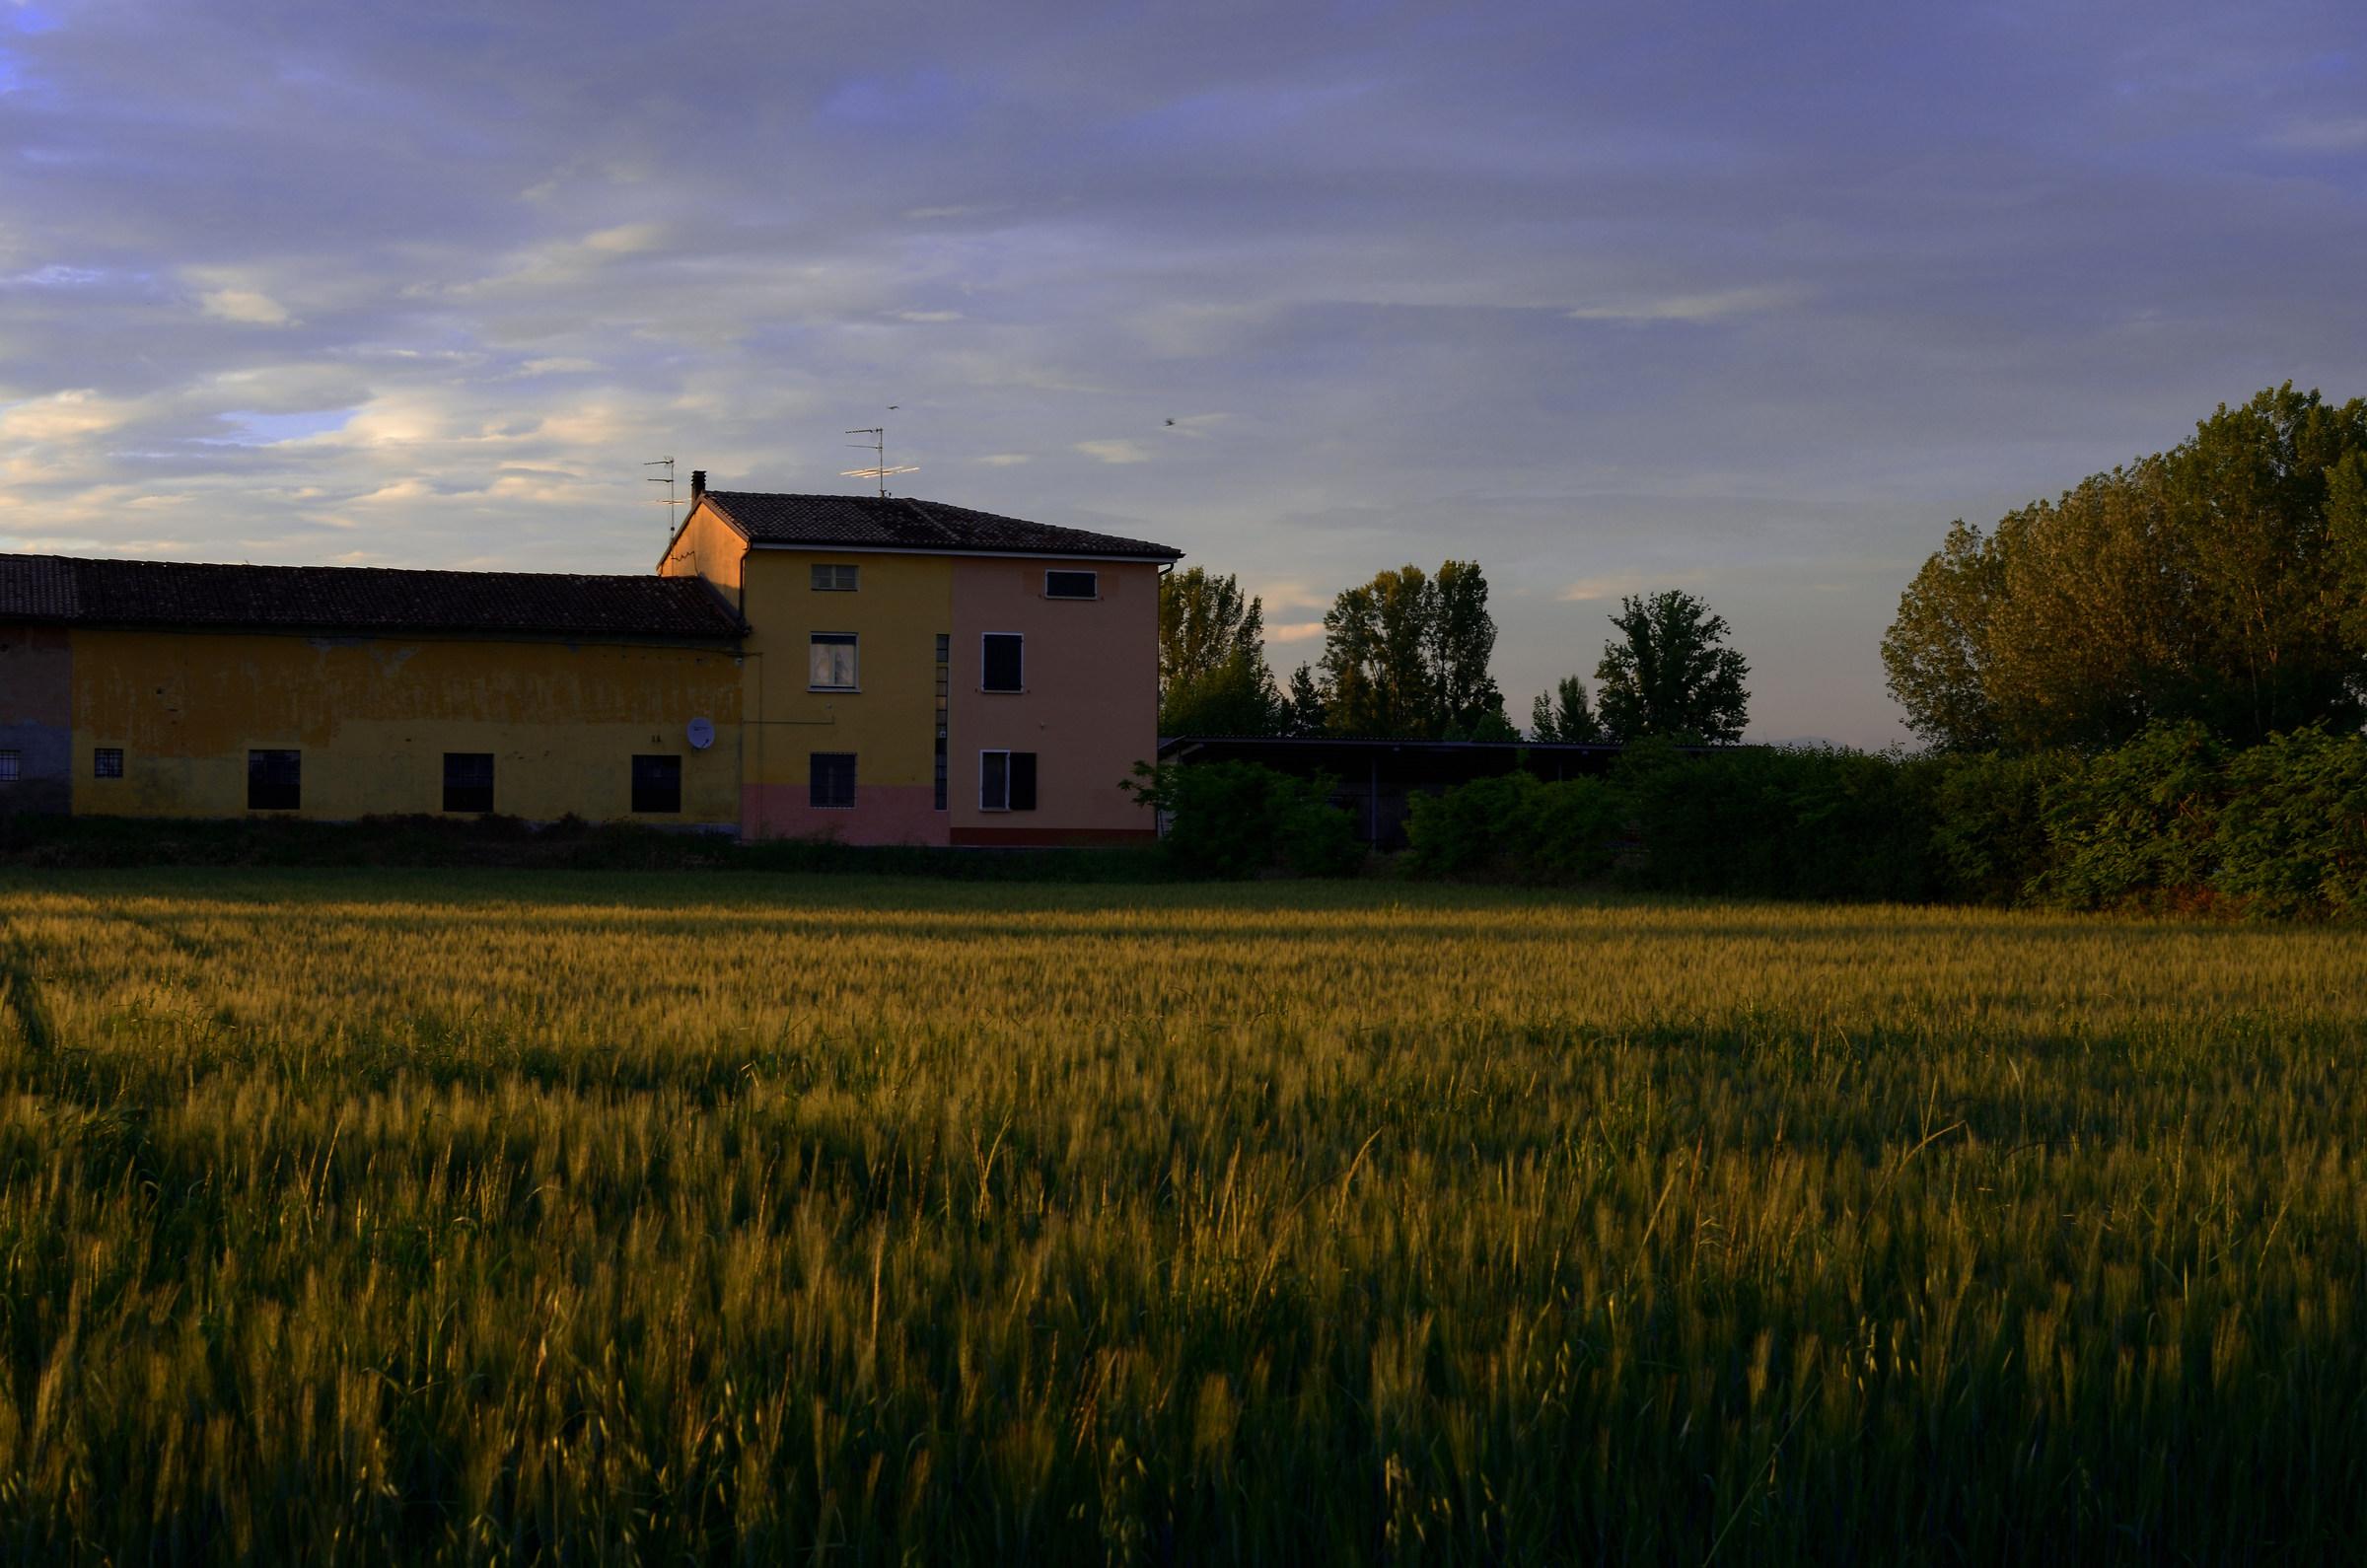 Sunset on the Grain...